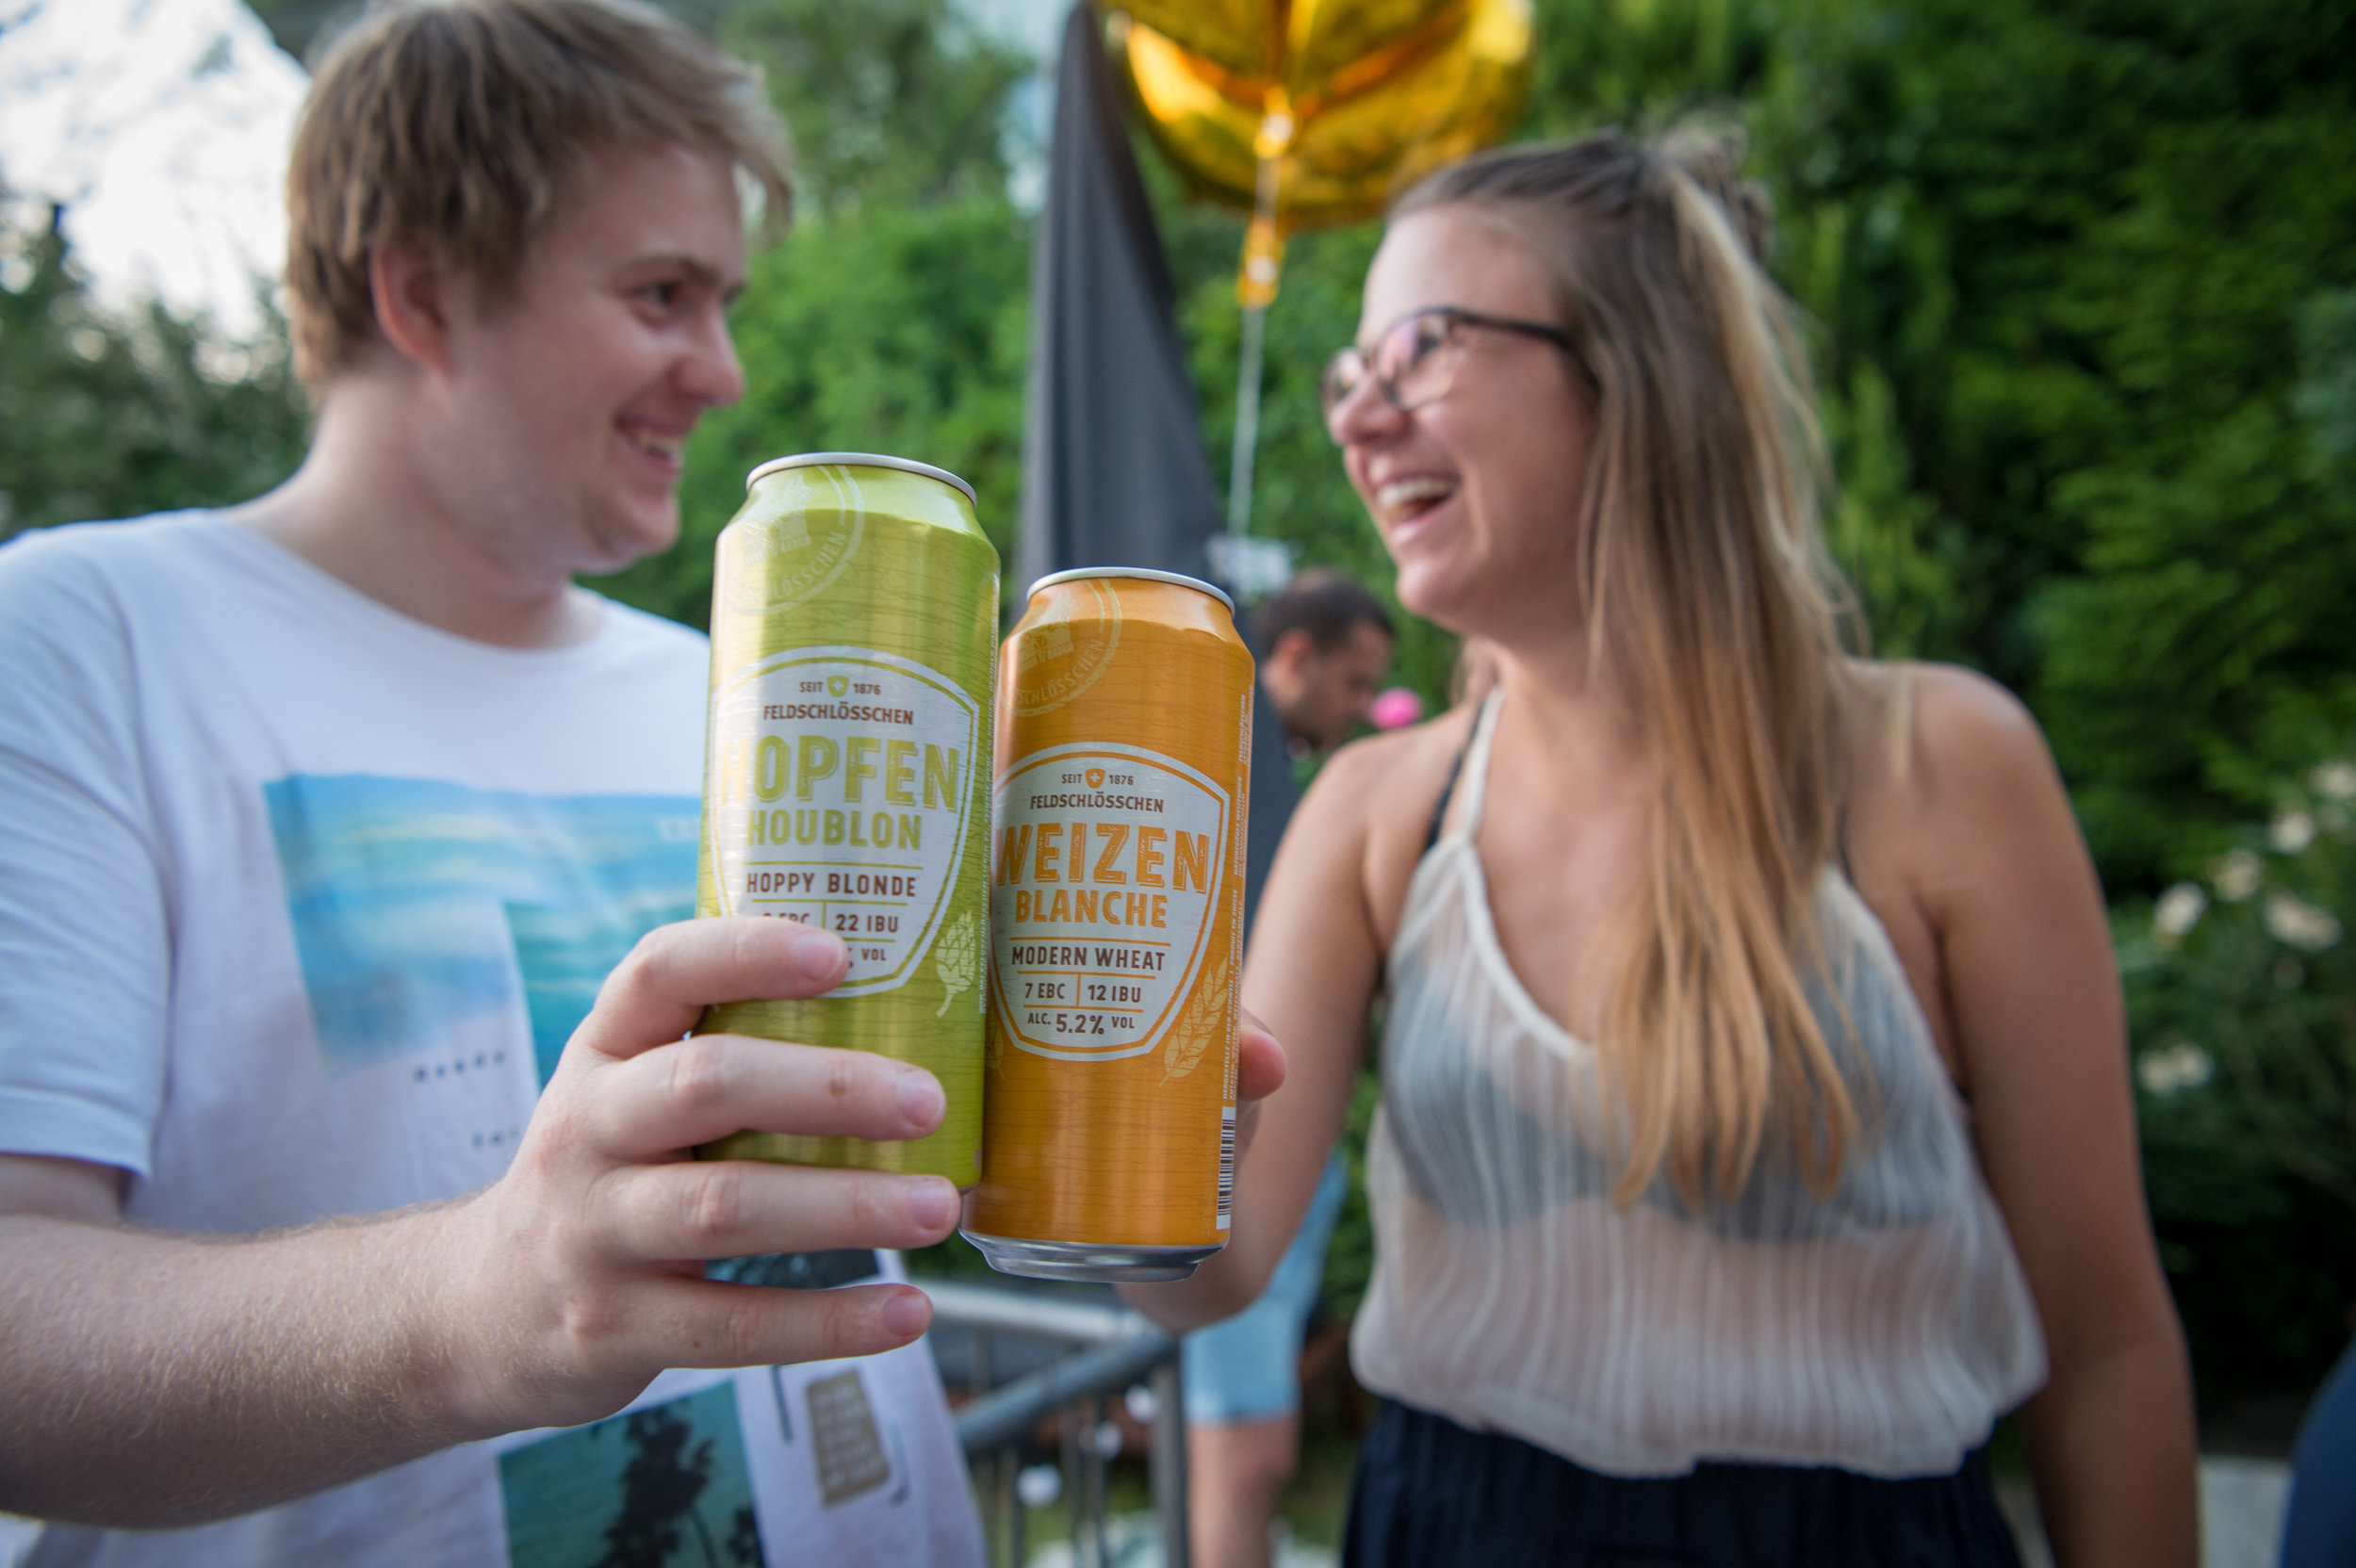 Das neue Bier von Feldschlösschen schmeckt erstaunlich gut. Hier sehen wir die Sorte Hopfen und Weizen (schmeckt auch im Glas mit einem Schnitz Orange super, siehe weiter unten).